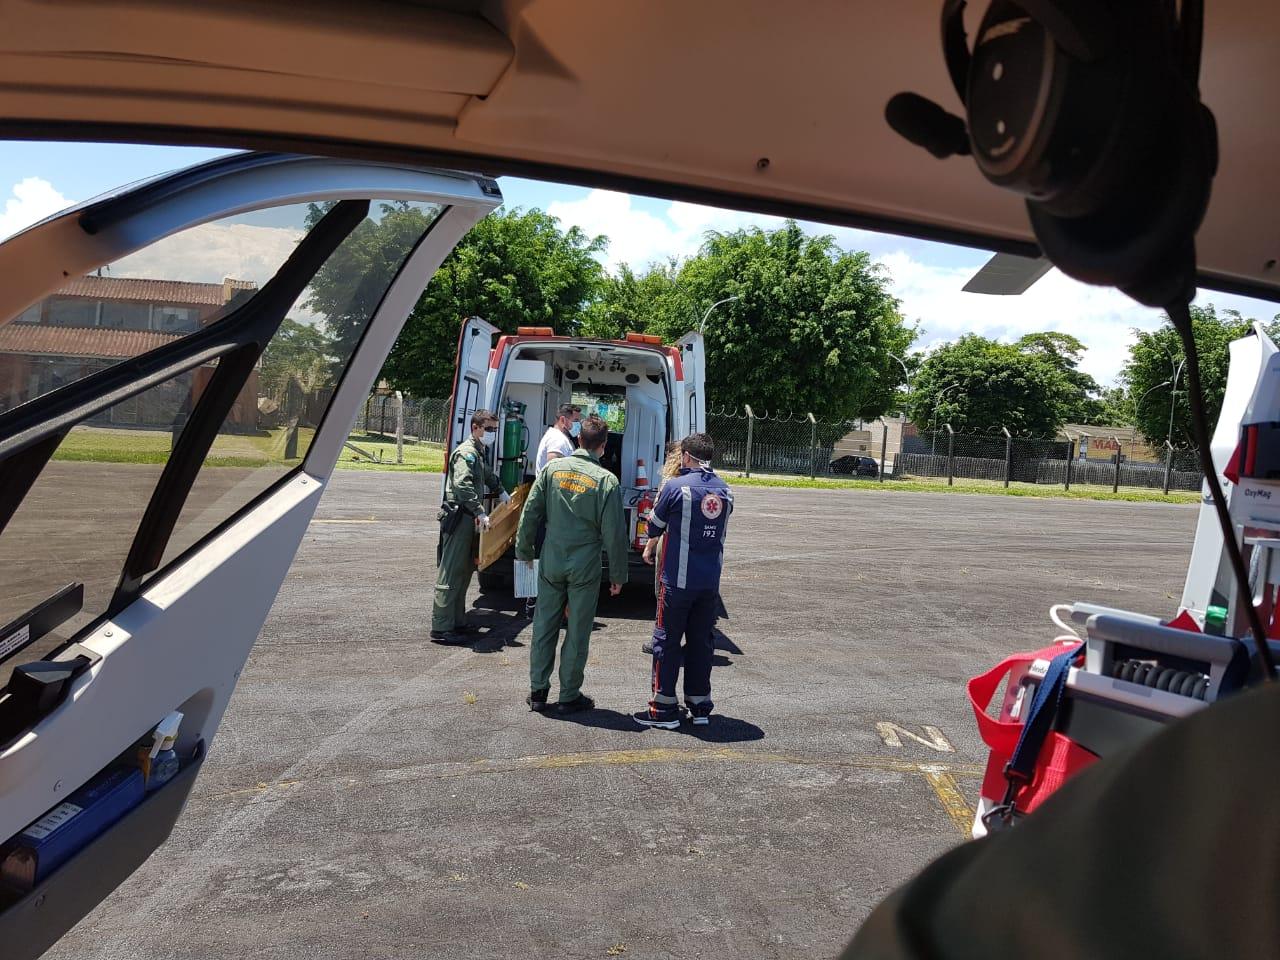 Resgate na Ilha do Mel: Vítima de queda é atendida pela GCM e BPMOA.